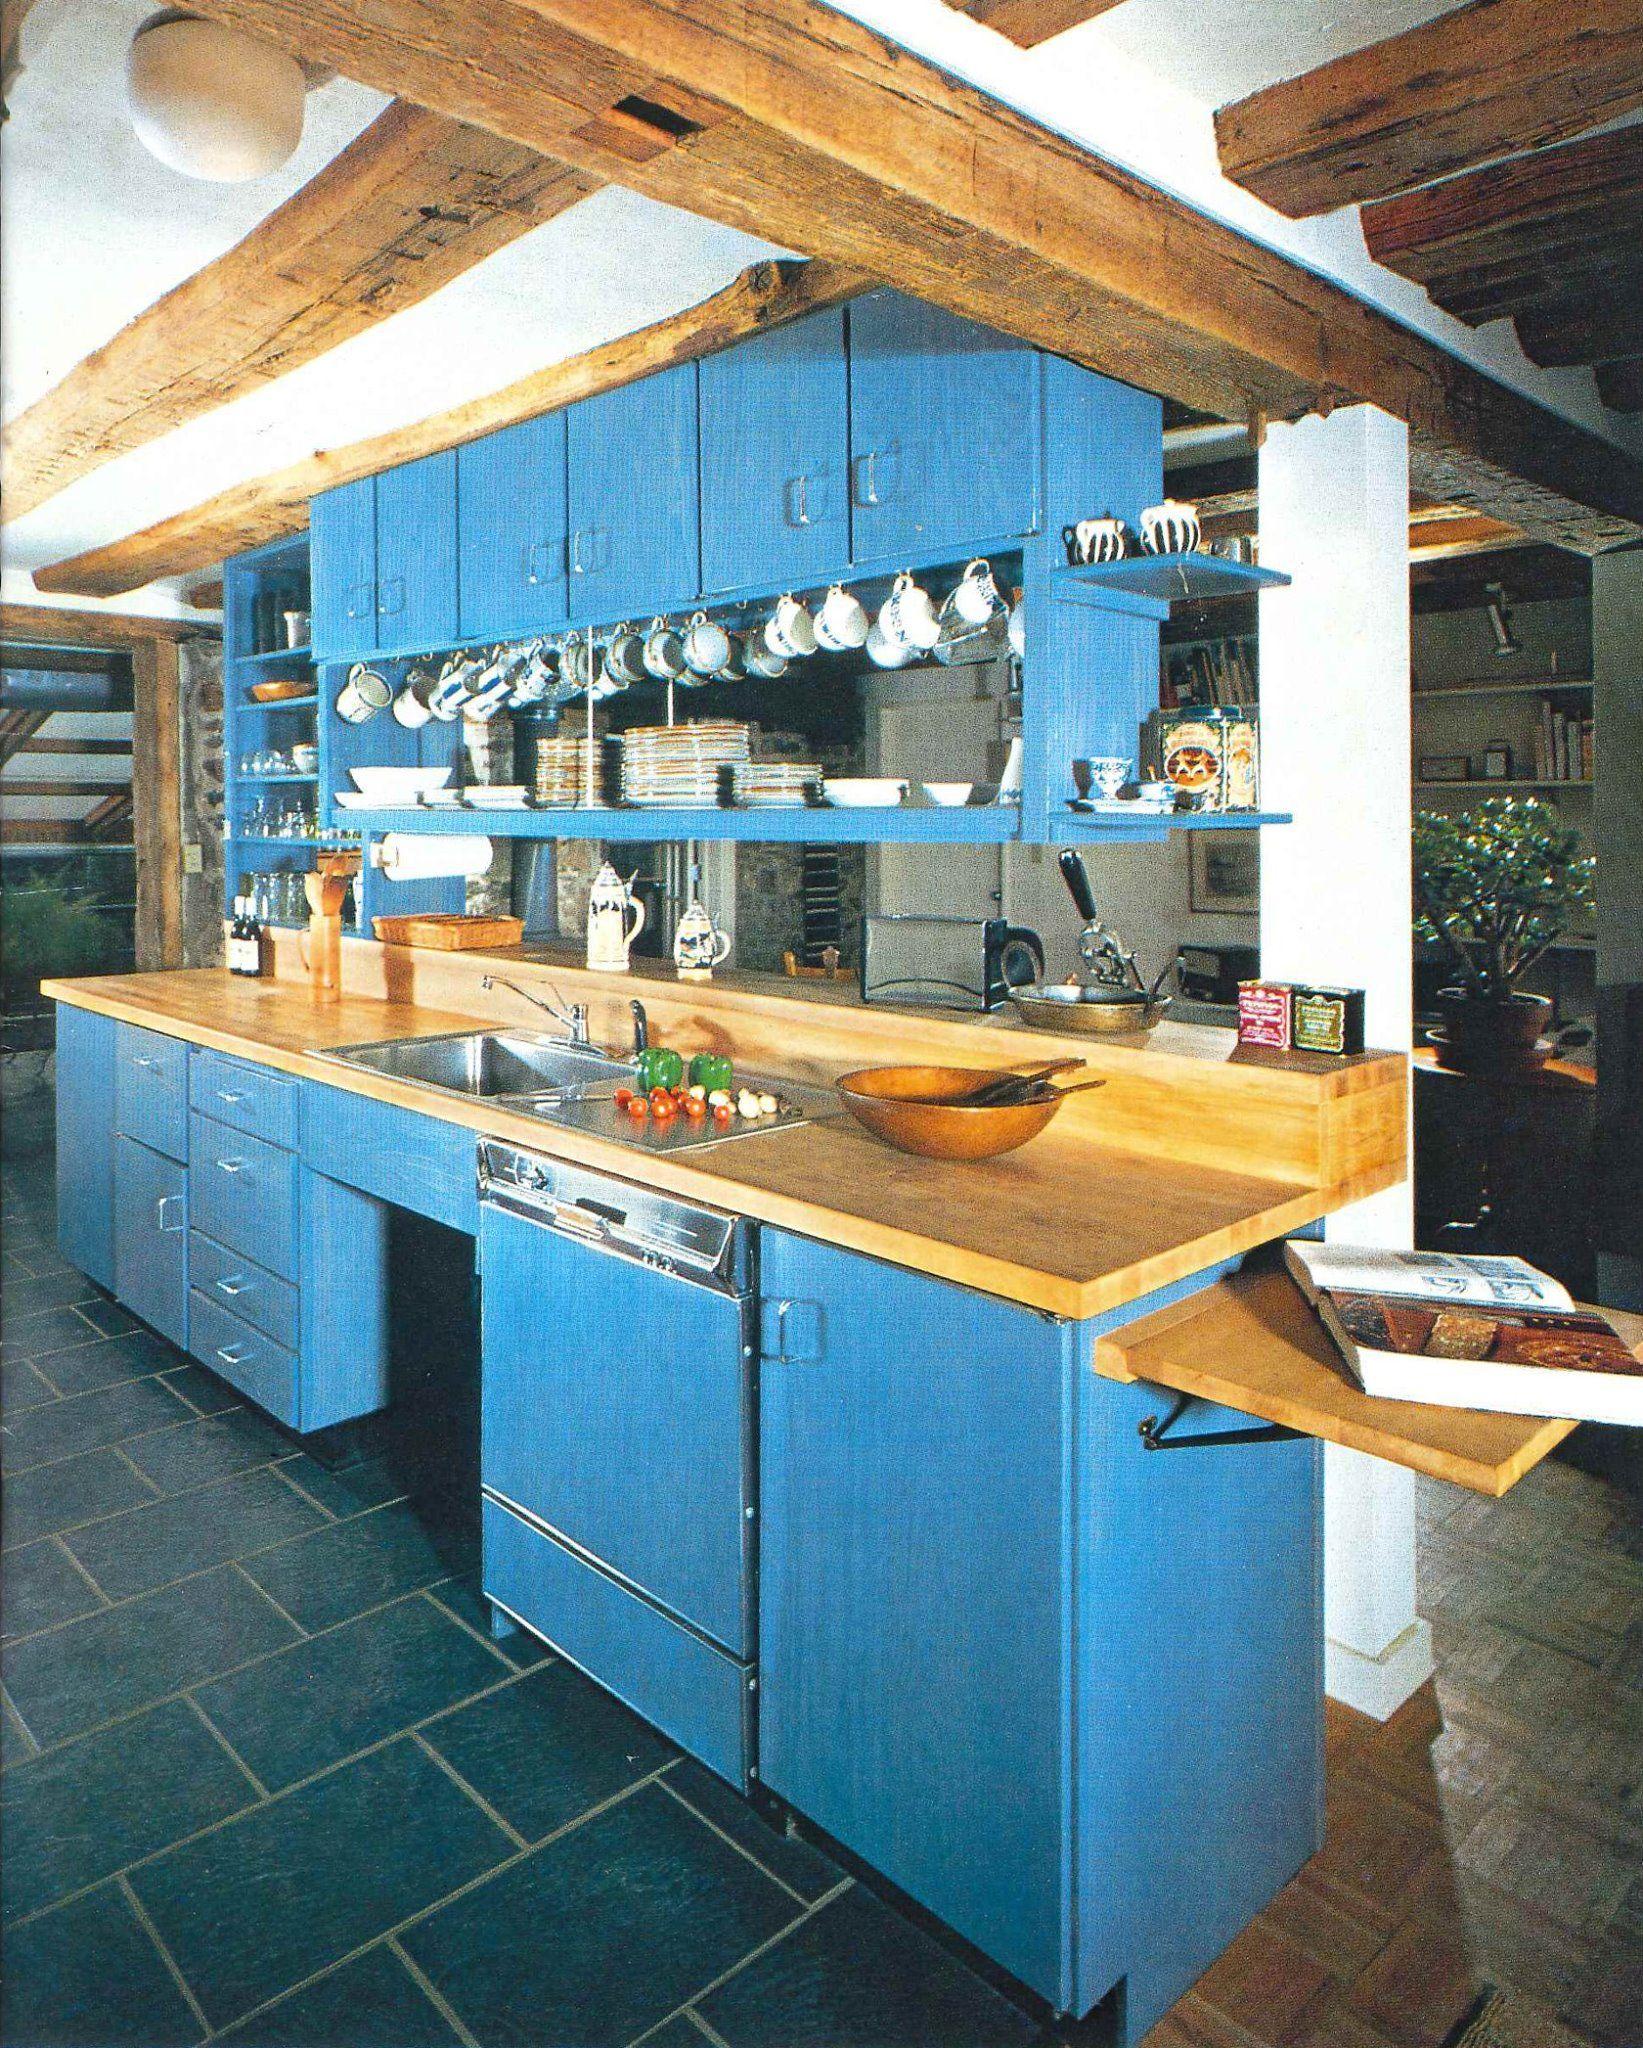 Wood-Mode | Wood mode, Cabinet design, Kitchen remodel